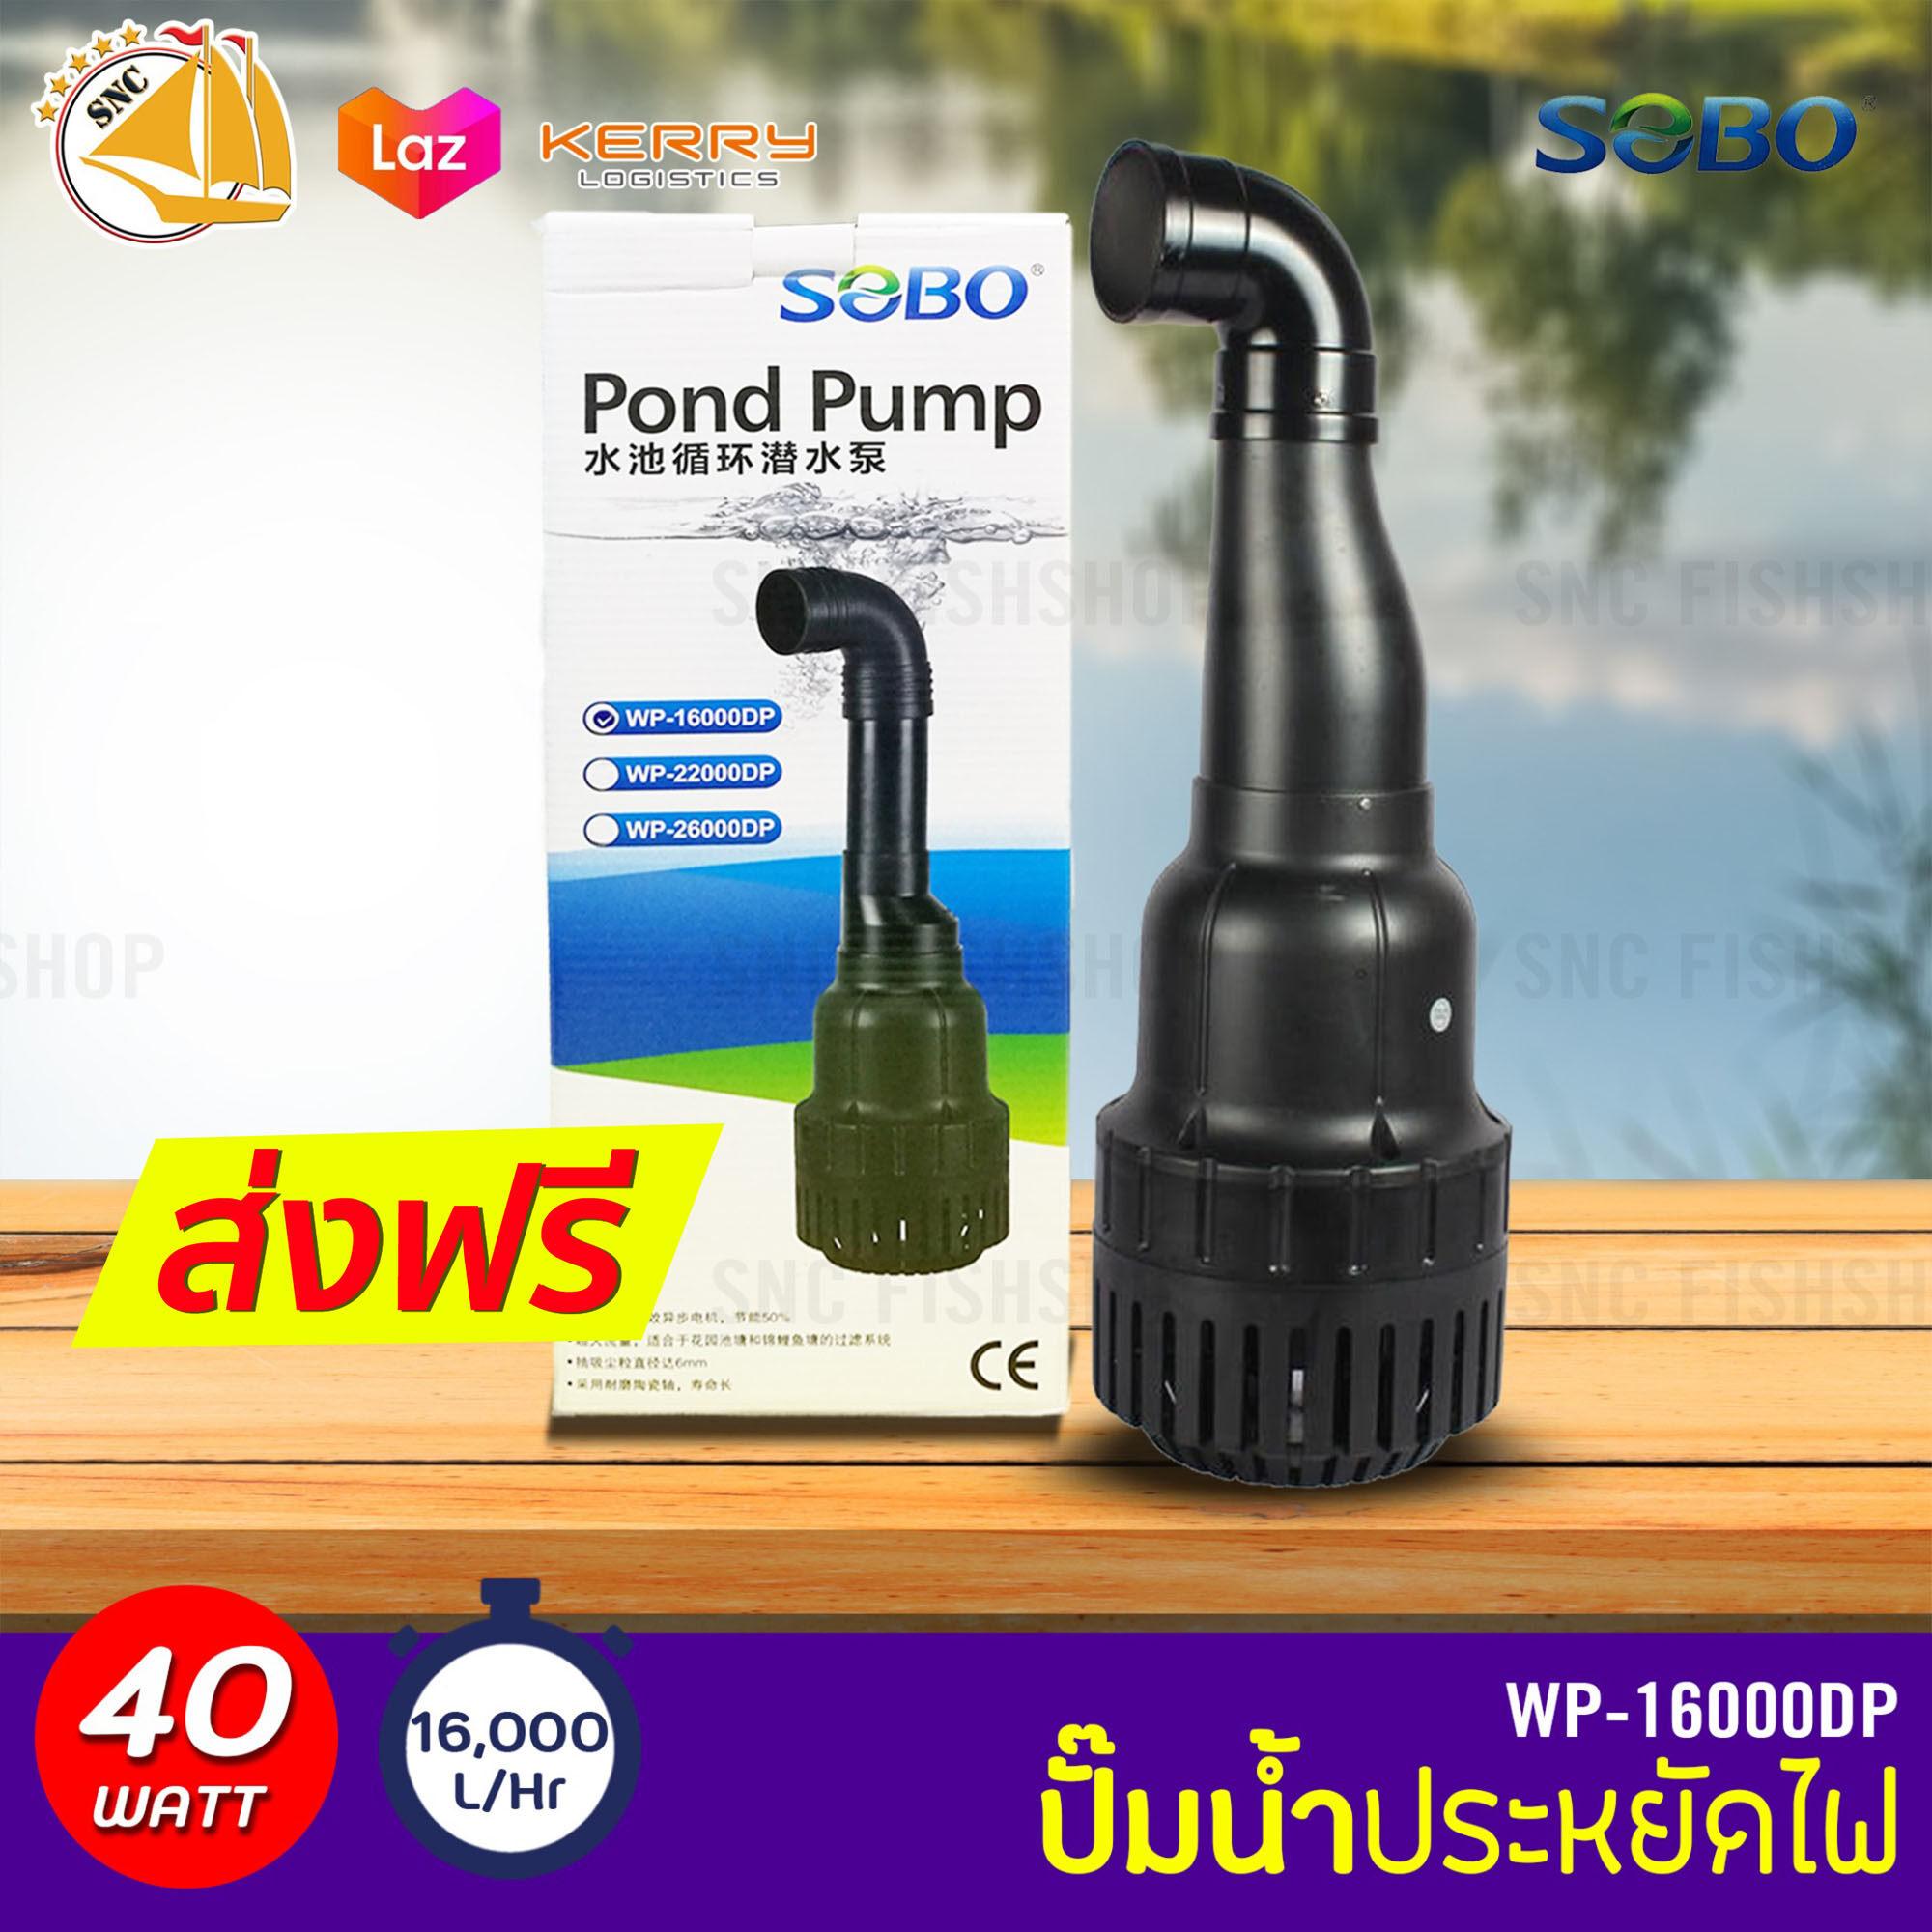 SOBO ปั๊มน้ำประหยัดไฟ WP-16000DP(คอยาว) 40W ปั้มFLUX ปั๊มน้ำ ปั๊มแช่ ปั๊มบ่อปลา